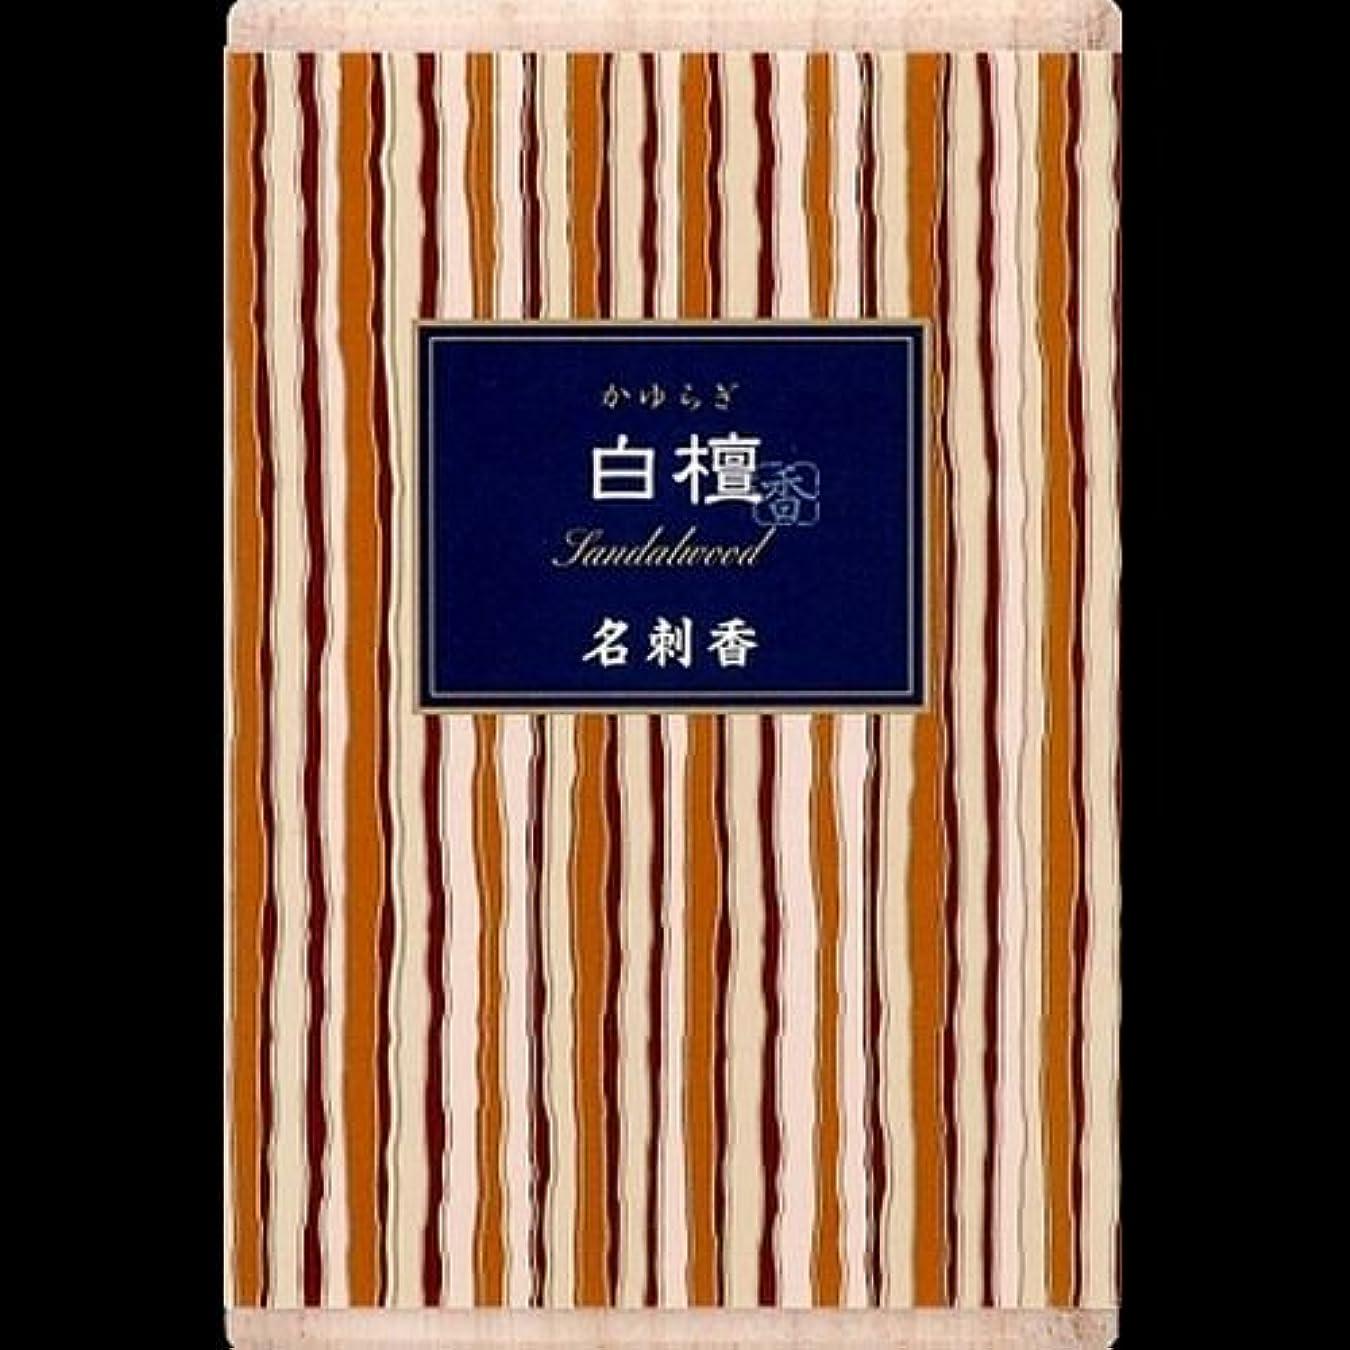 レンチオートメーションホスト【まとめ買い】かゆらぎ 白檀 名刺香 桐箱 6入 ×2セット